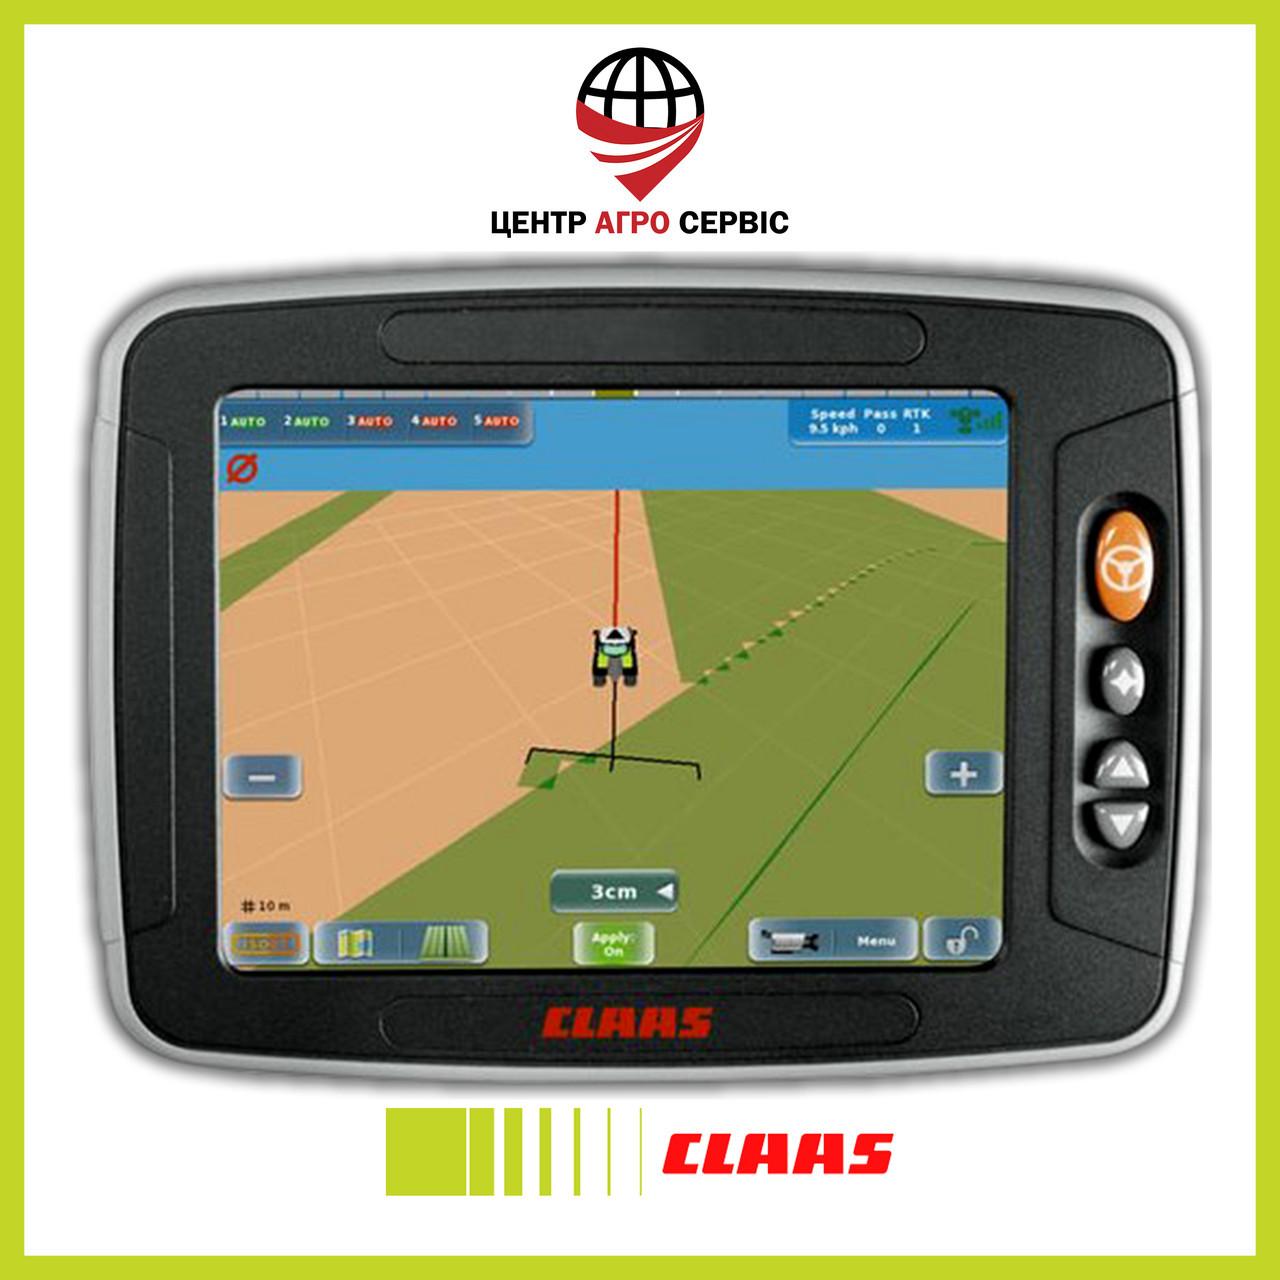 Курсовказівник (система паралельного водіння, агронавігатор) CLAAS gps copilot s10